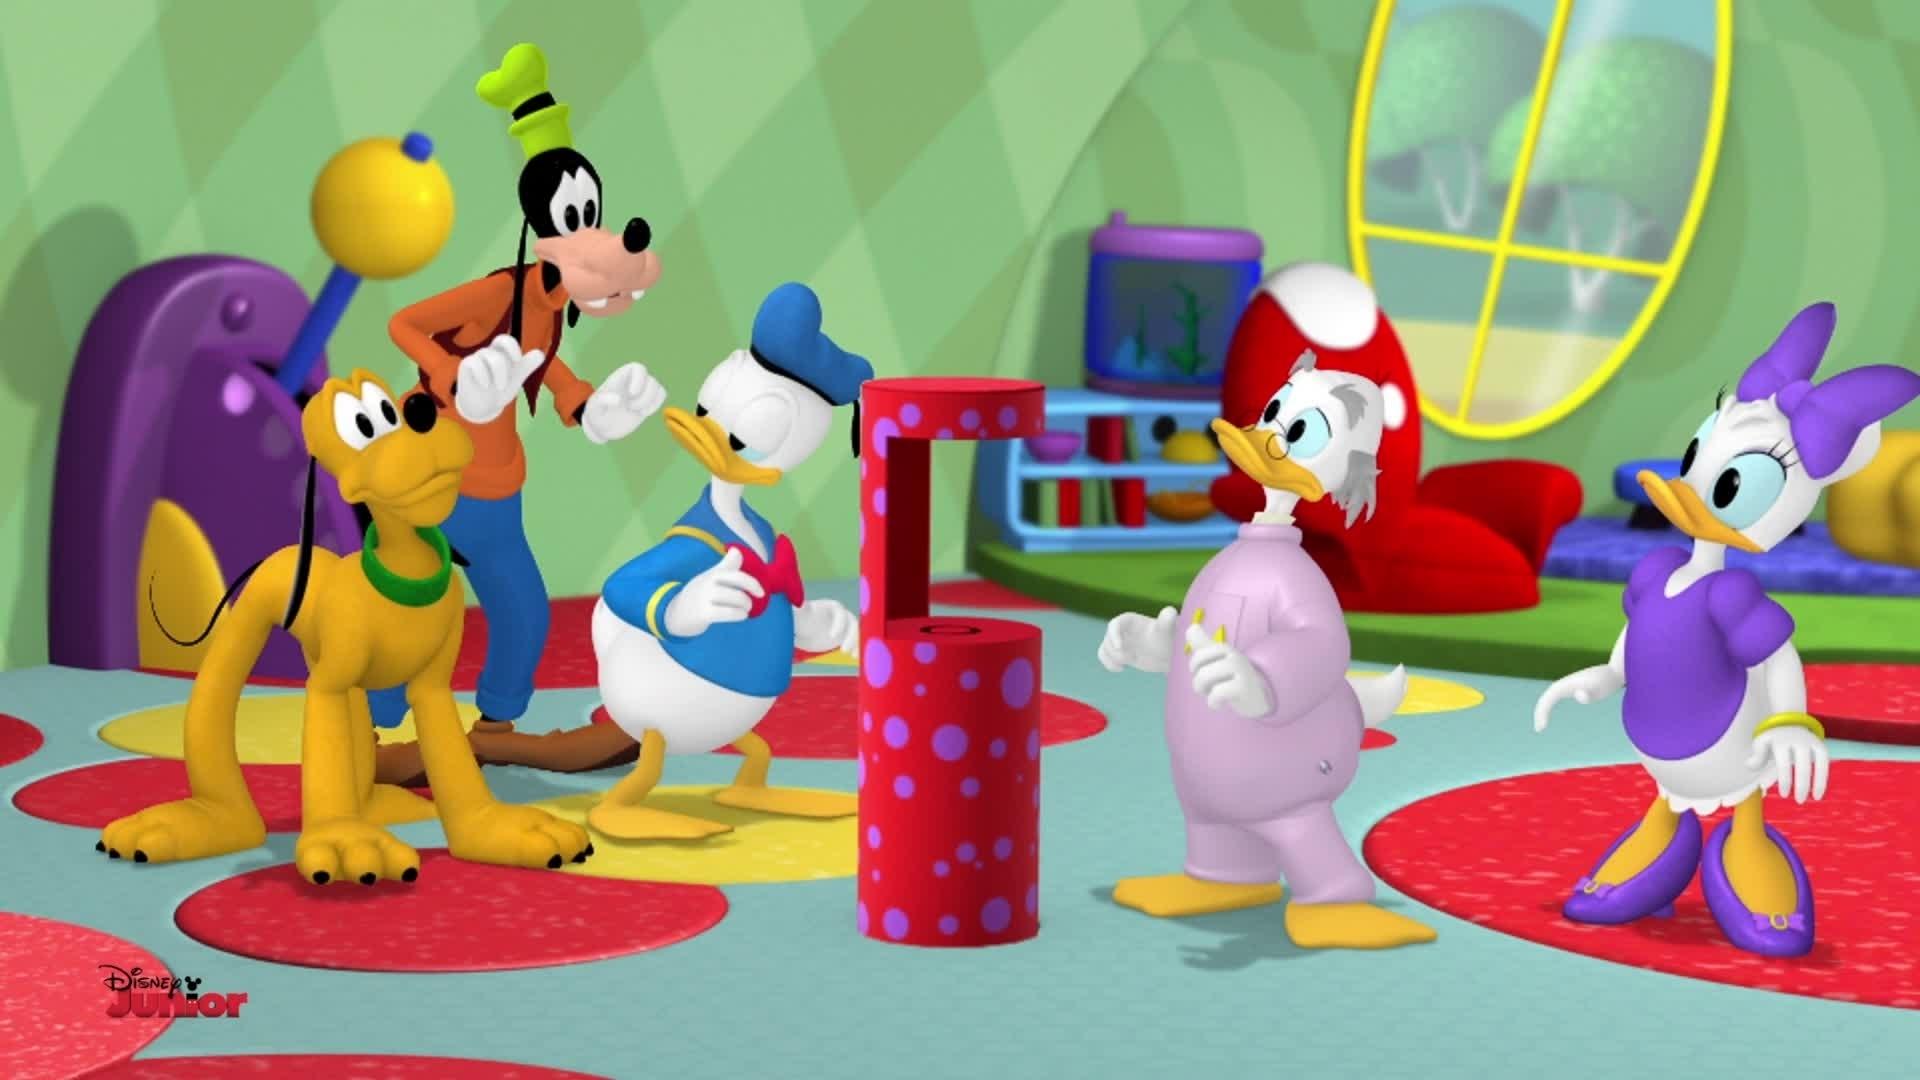 """La Maison de Mickey Saison 4 - Episode  5 """"Le légendaire Mickey de cristal"""" - Extrait"""